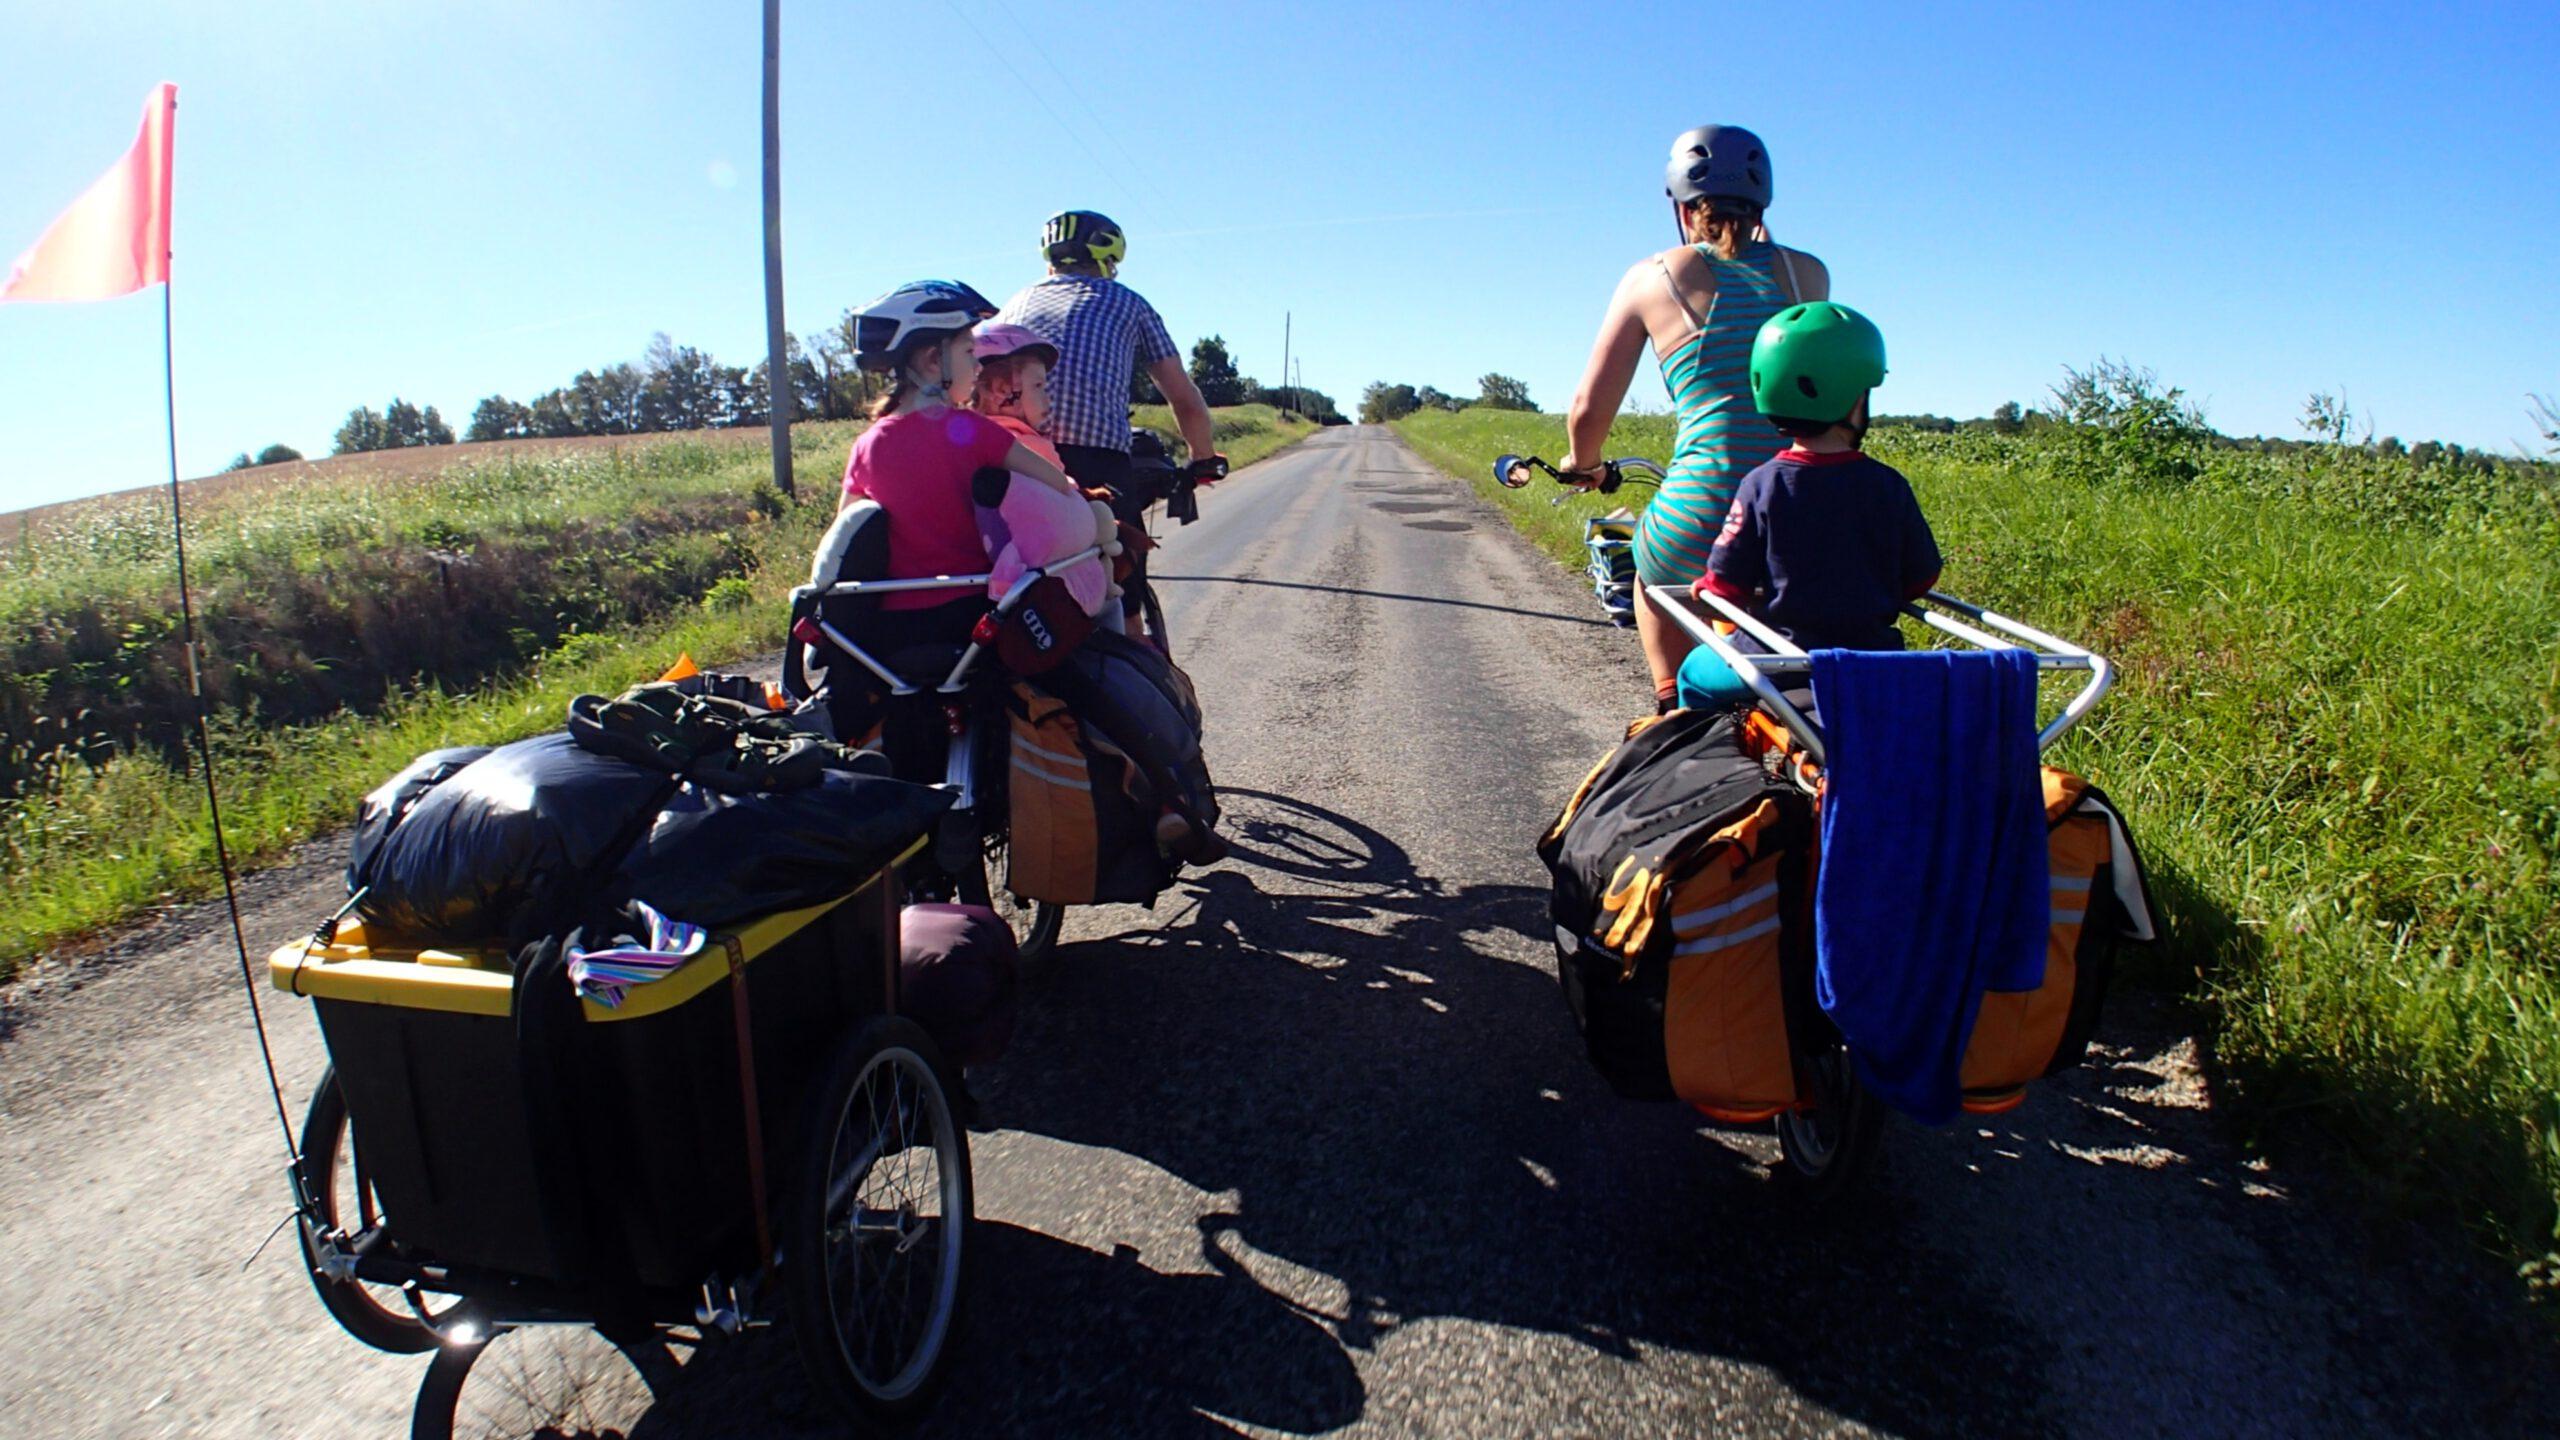 cyklande familj